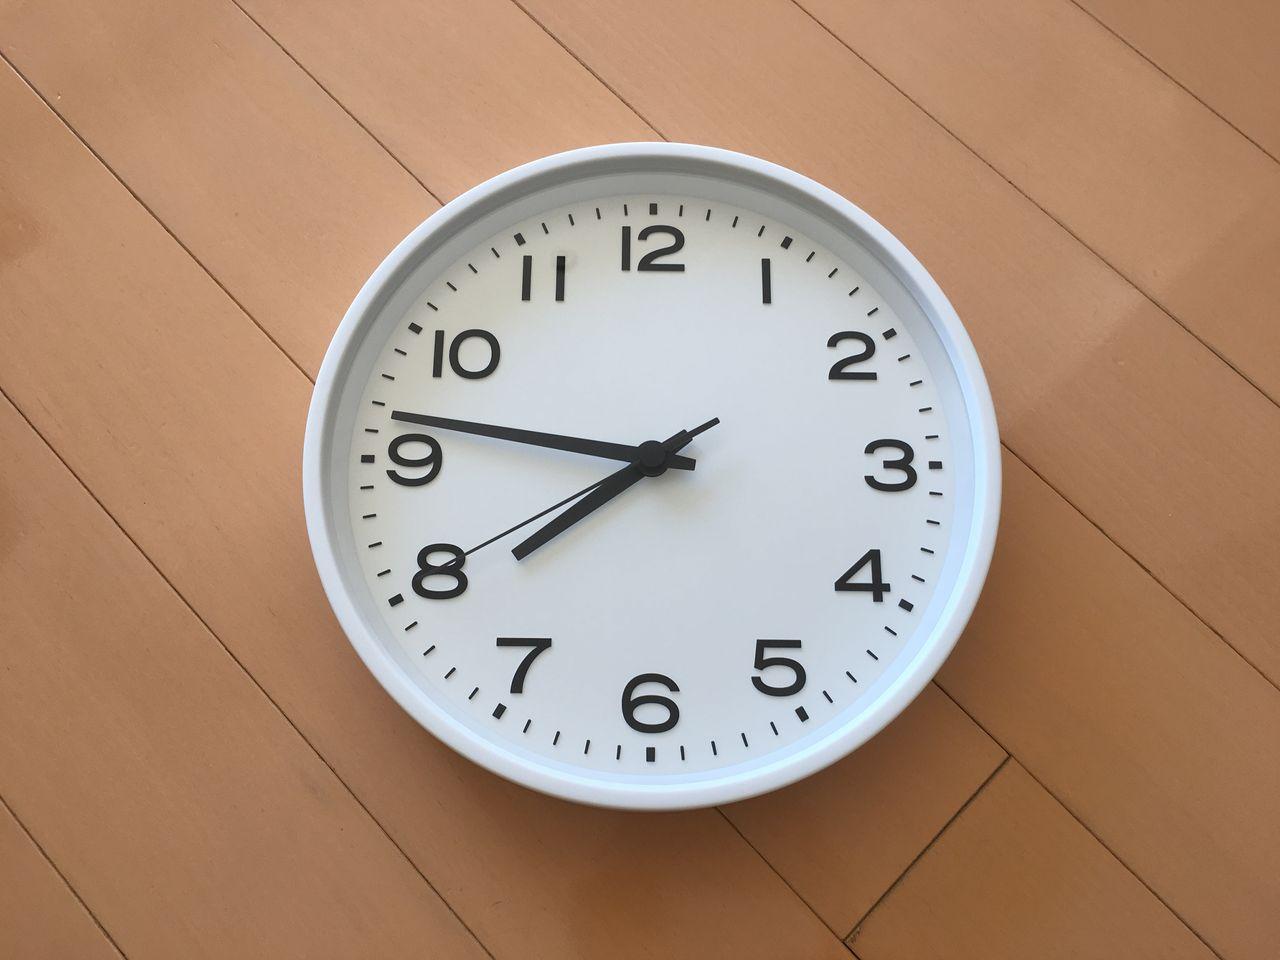 じぶんで読める時計,無印良品